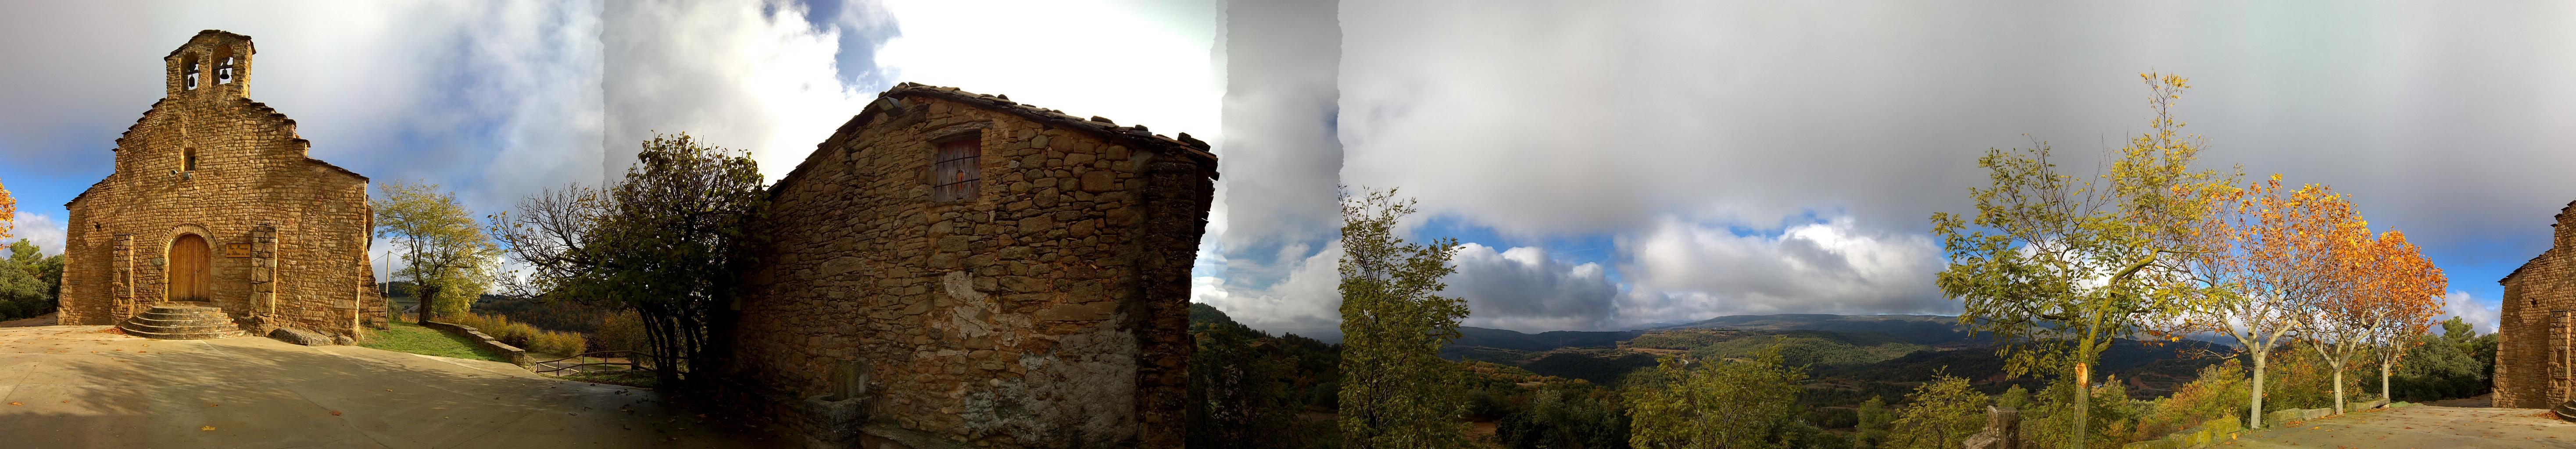 wp_20161124_11_13_02_panorama_0001.jpg